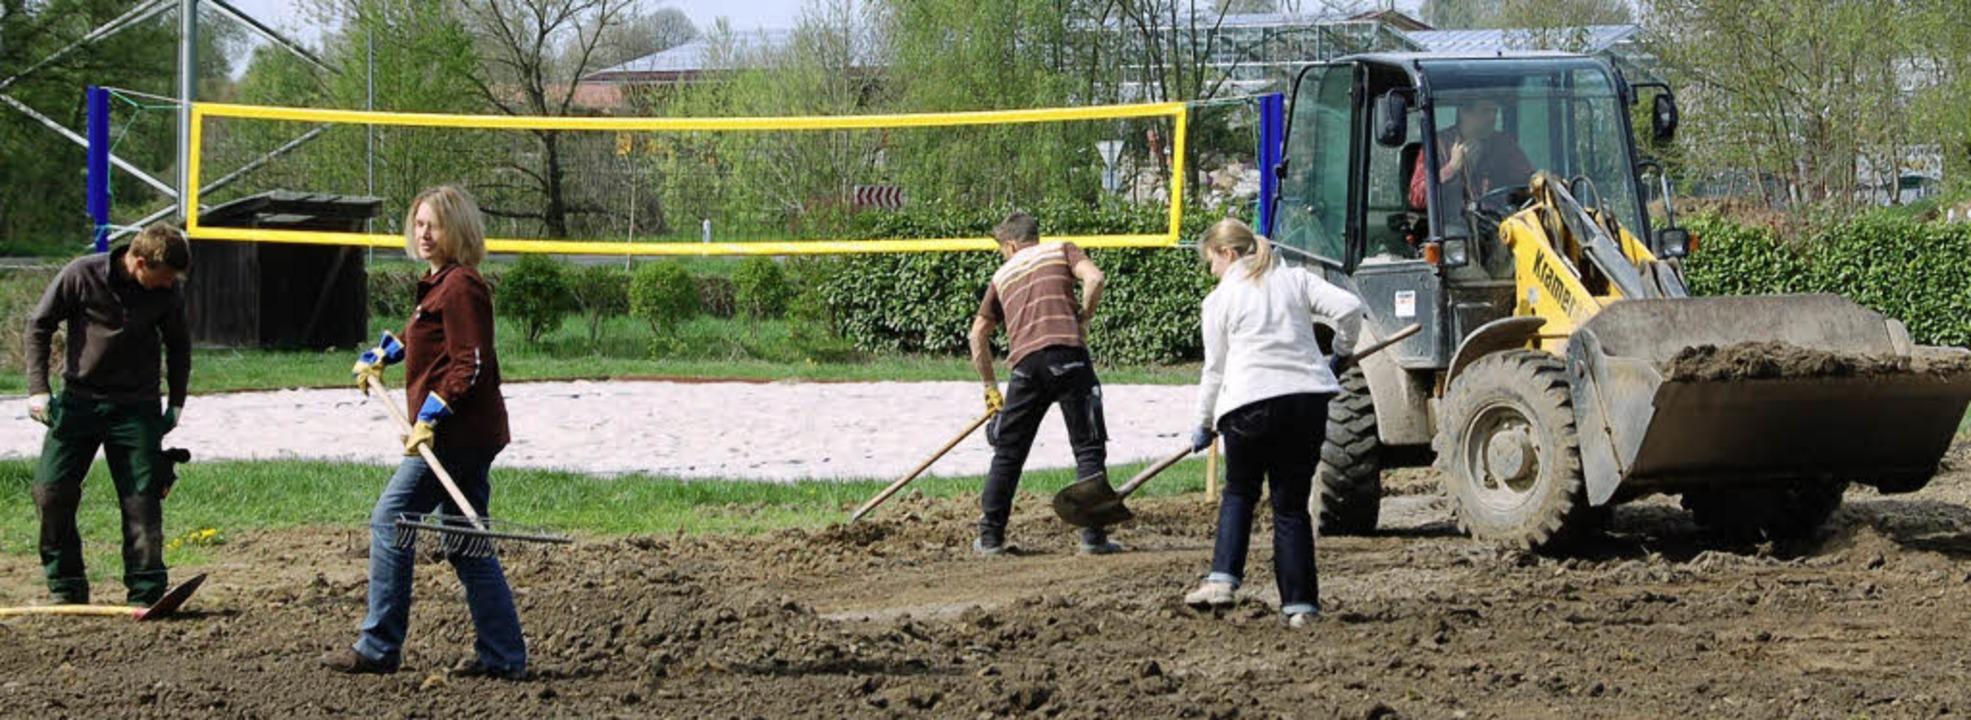 Der Rasen kann eingesät werden, die Vo...mminger Kleinspielfeld sind erledigt.   | Foto: Markus Maier